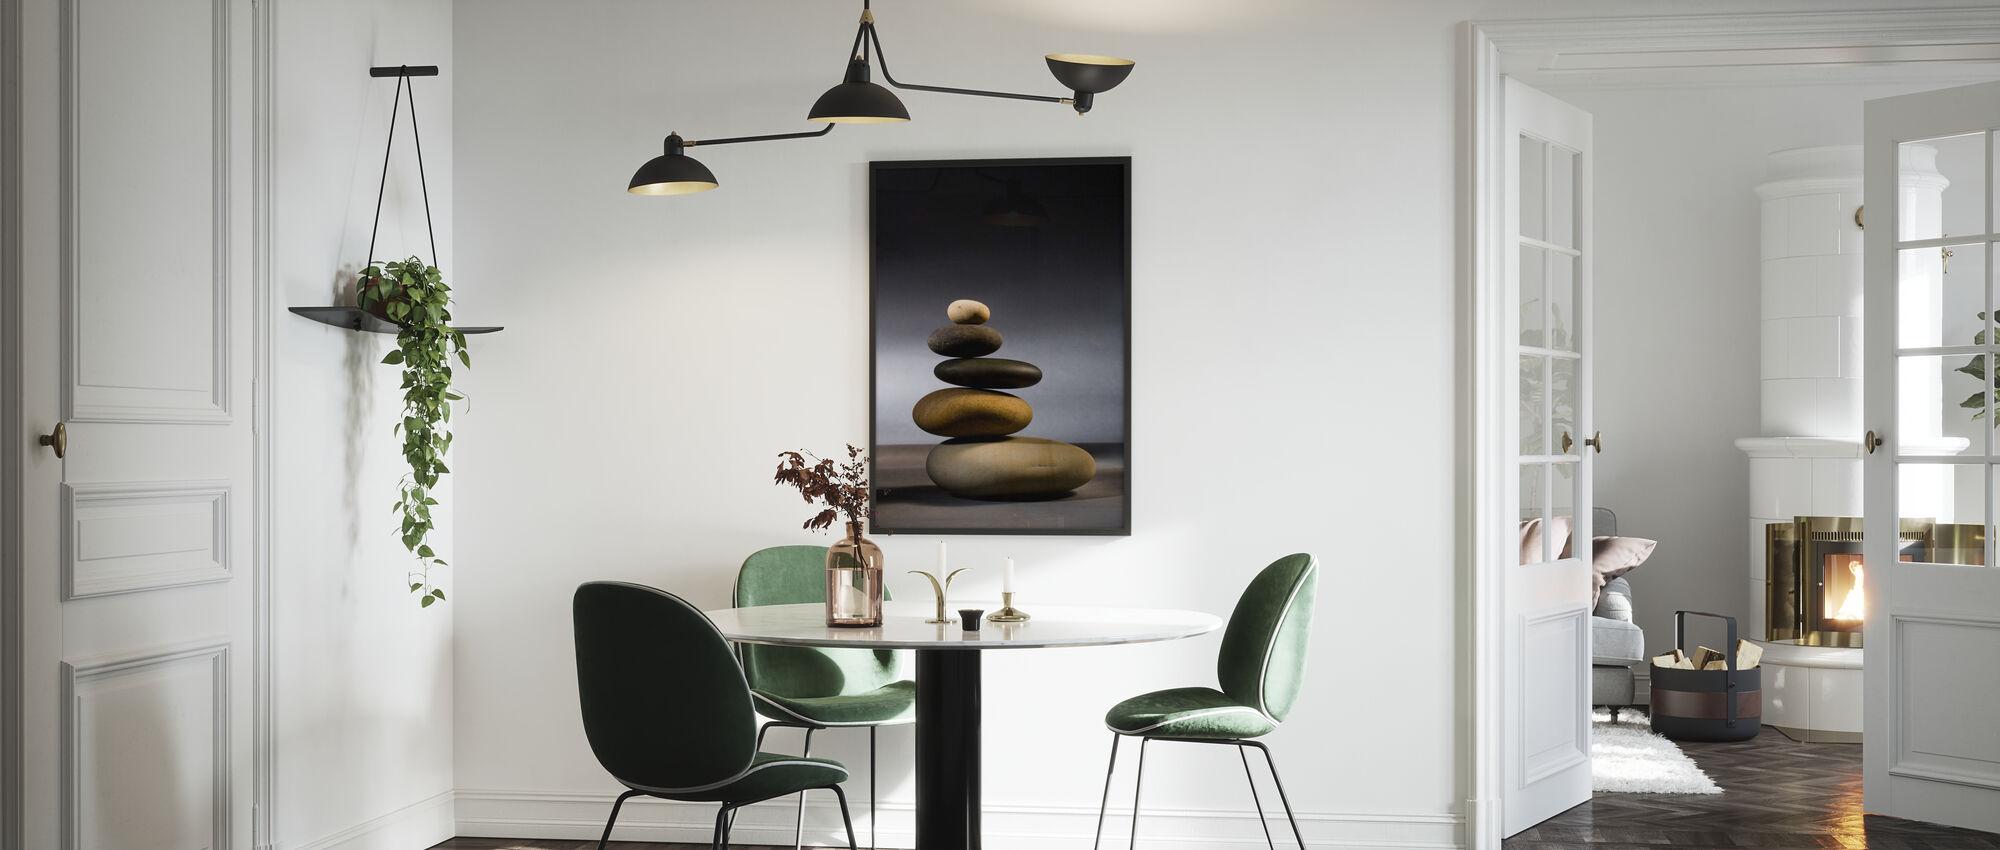 Steine im Zen-Gleichgewicht - Poster - Küchen